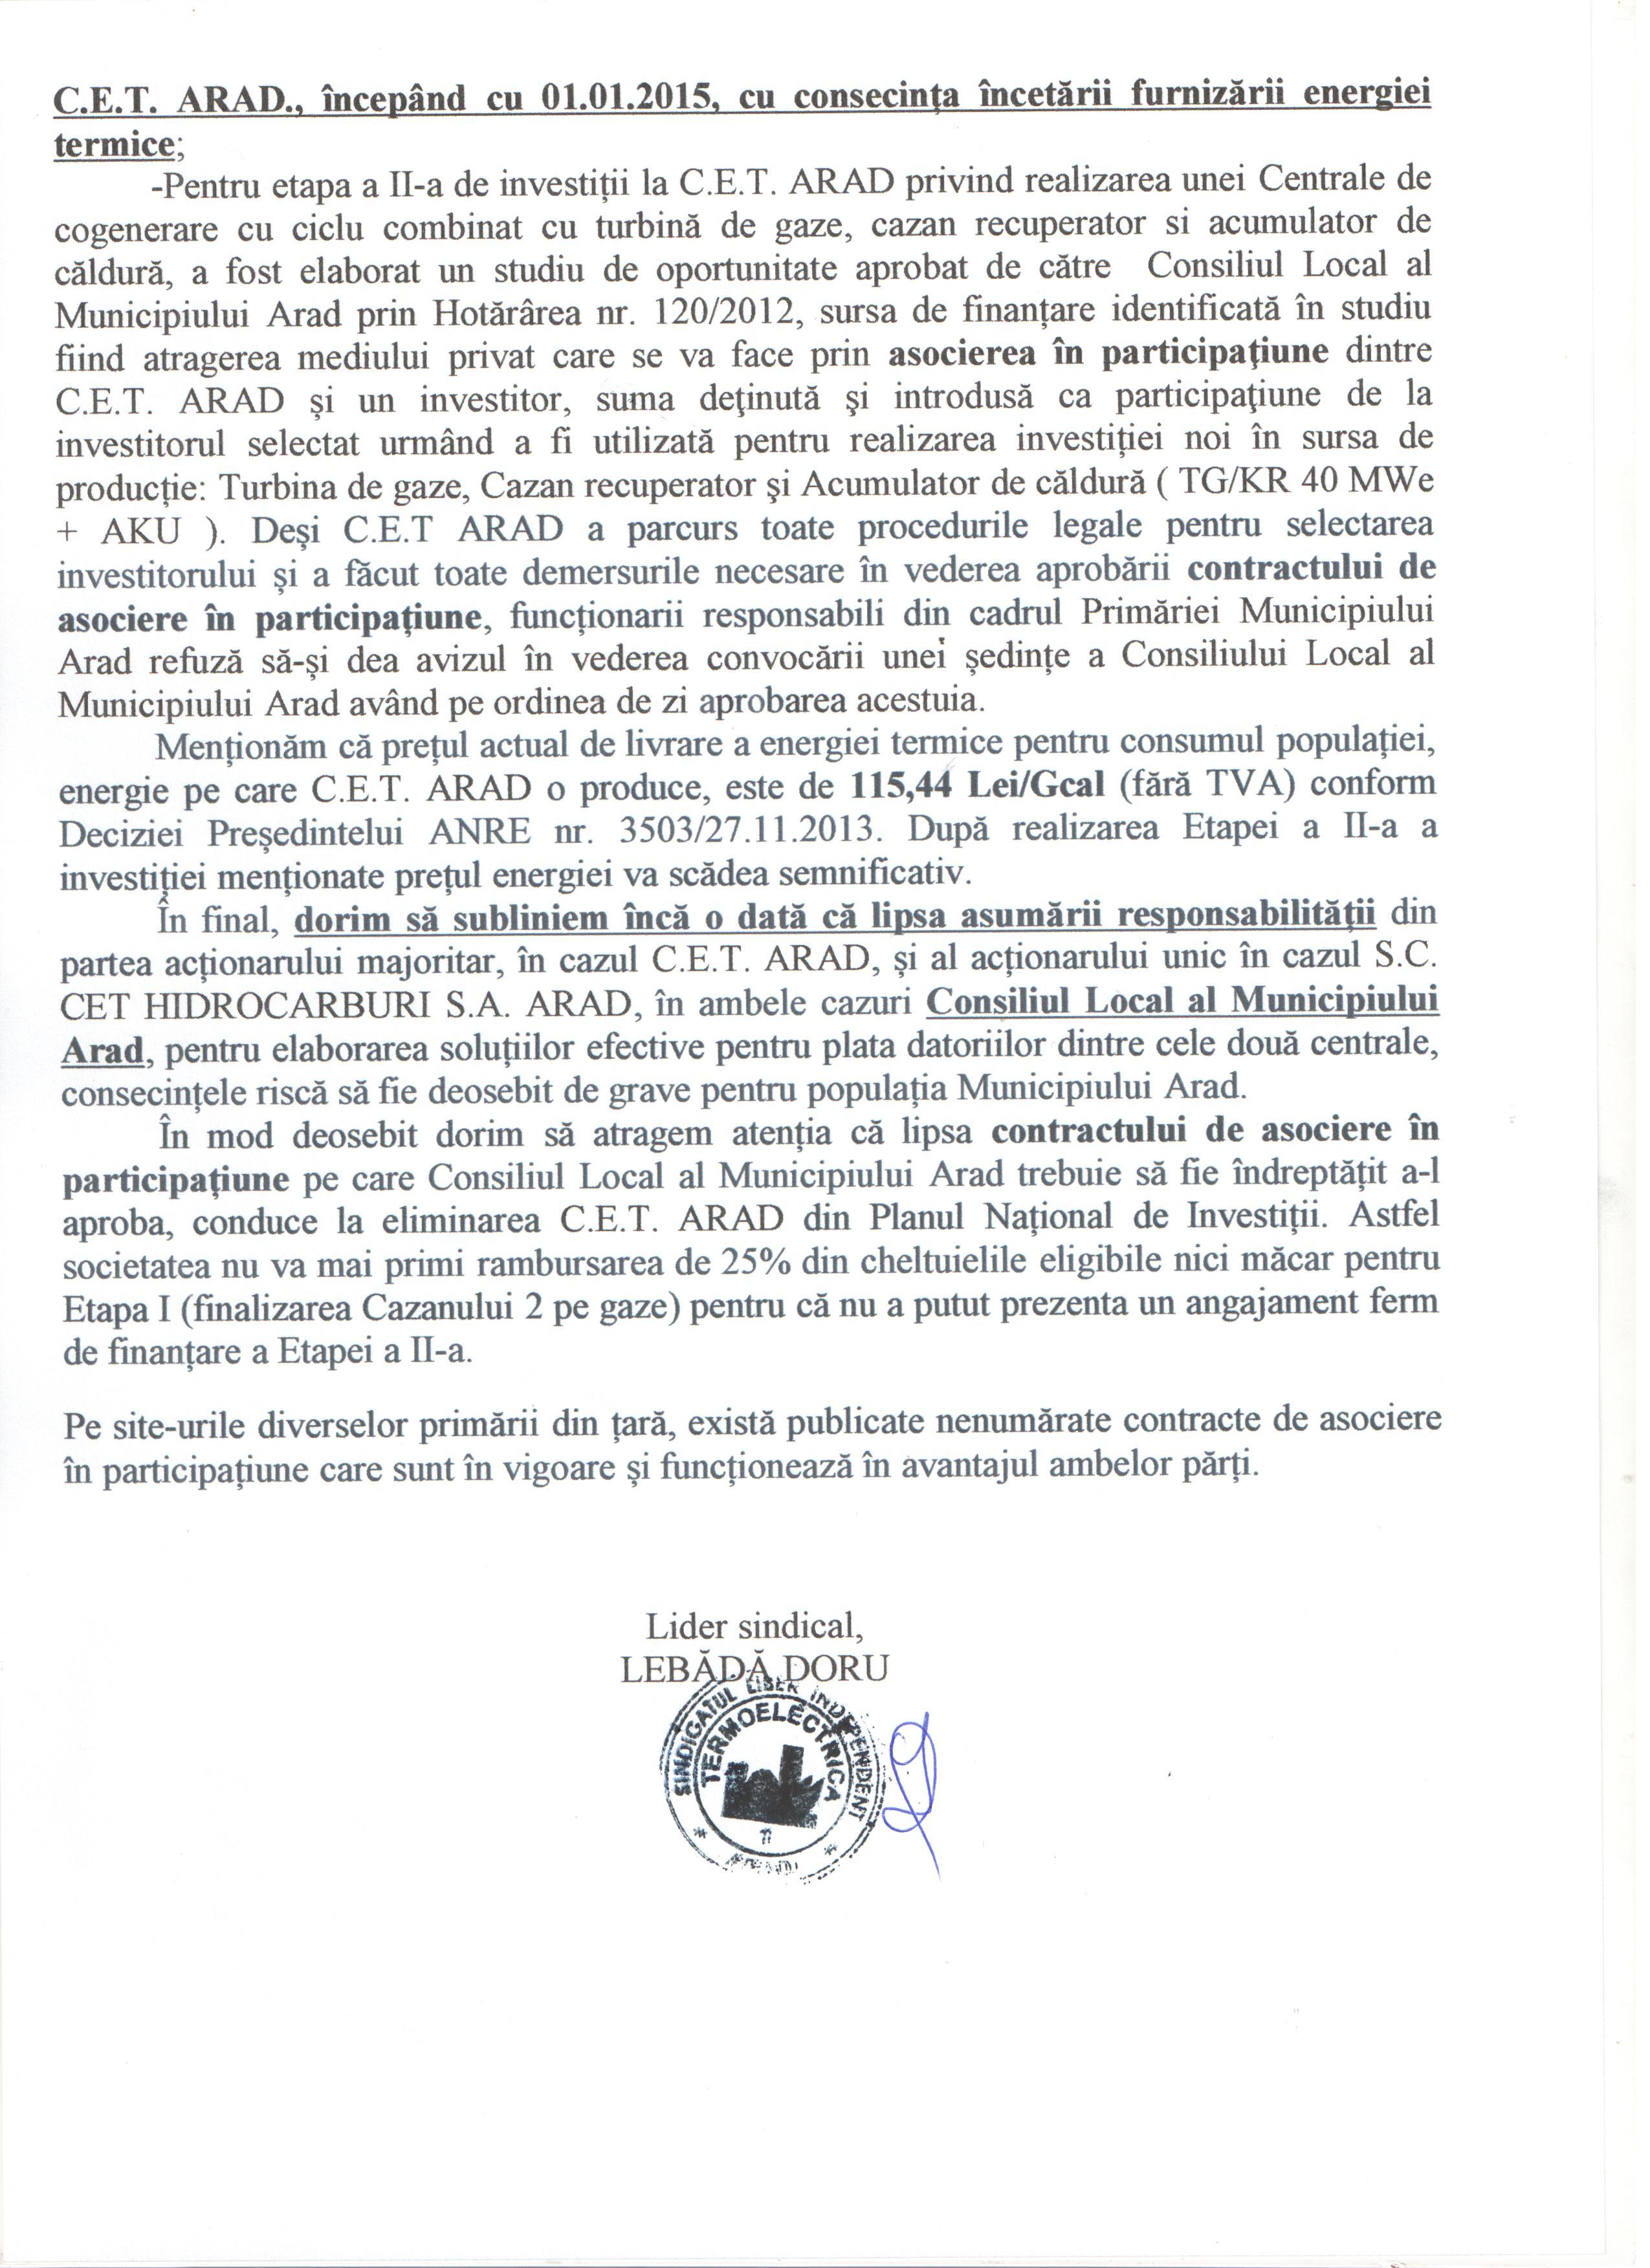 Comunicat sindicat CET 3